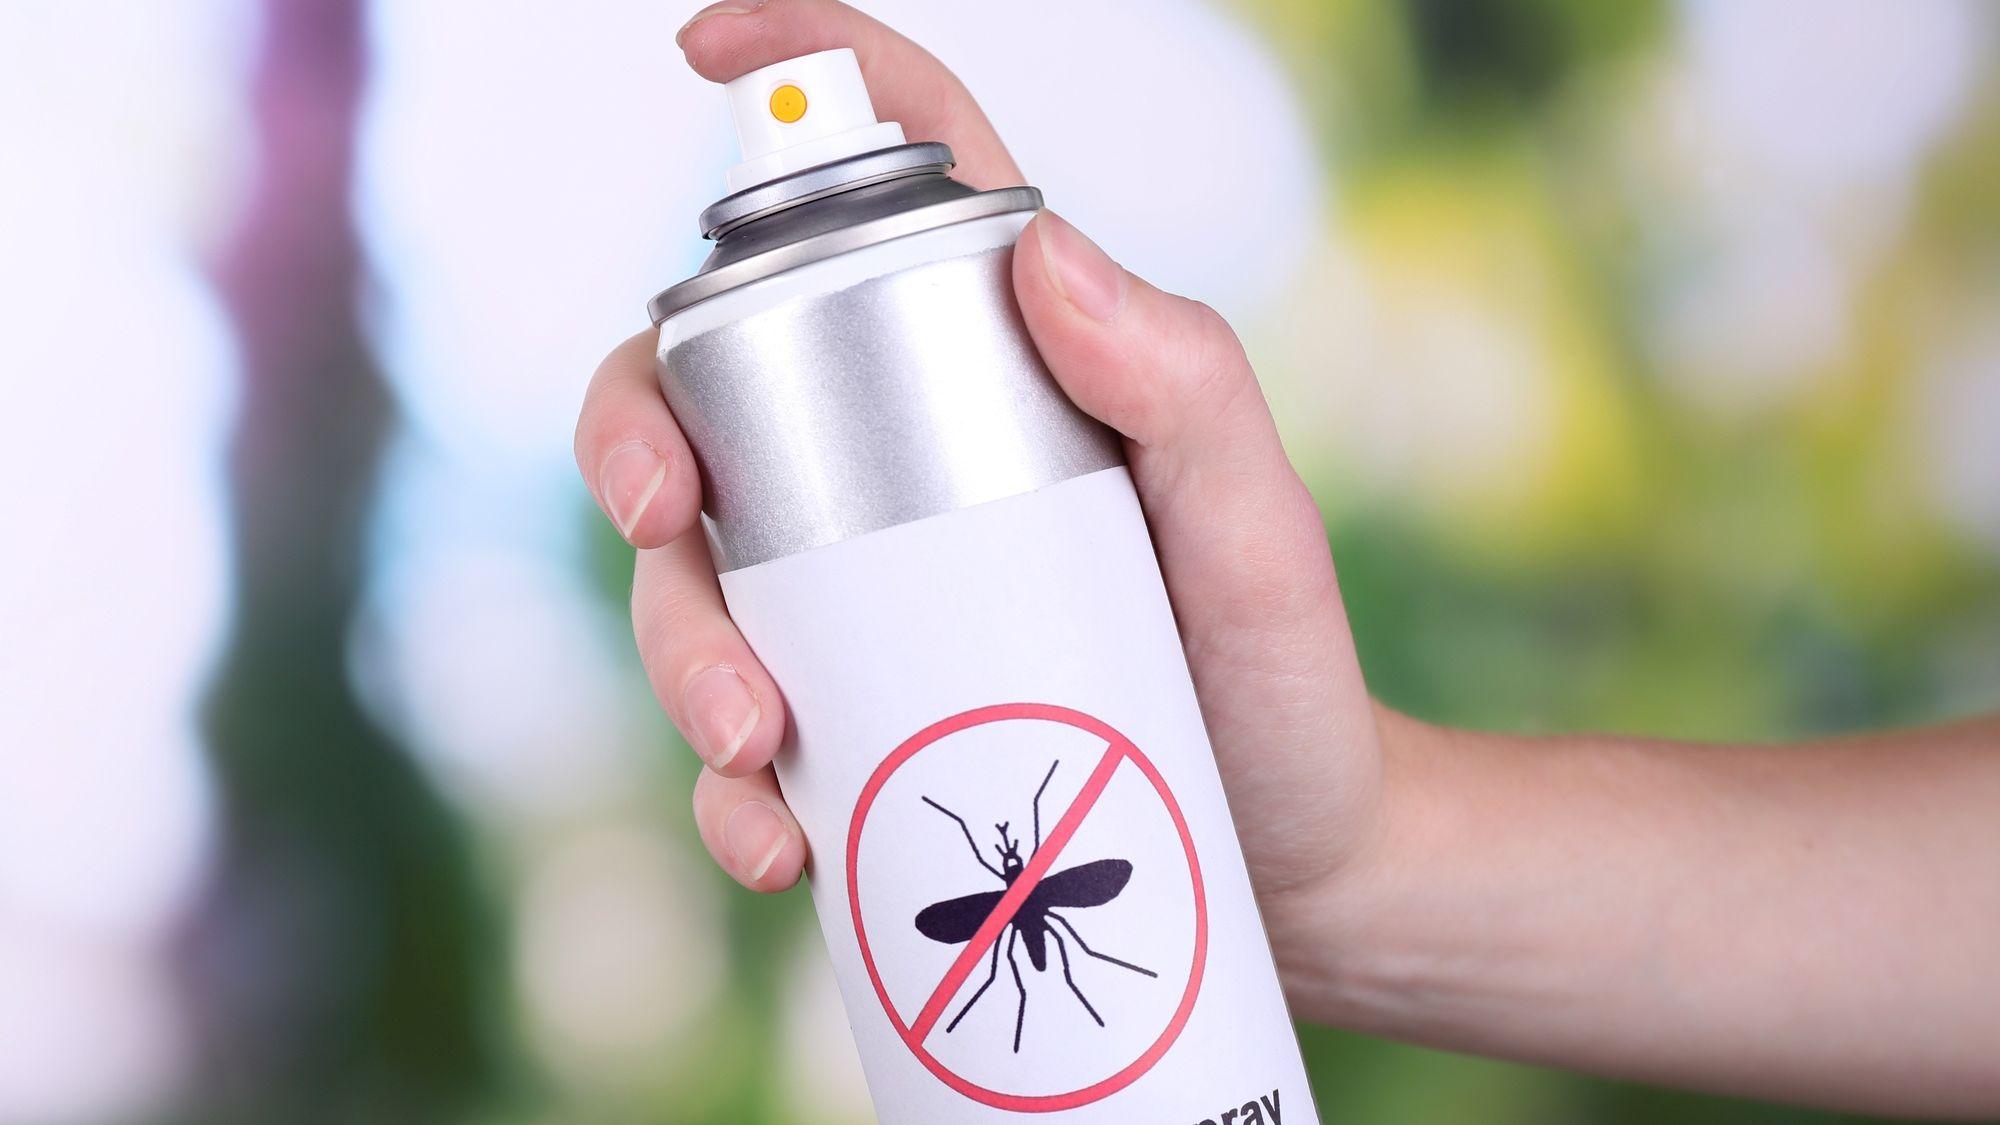 средства защиты от комаров лес природа отдых дикарями с палатками зеленая палатка